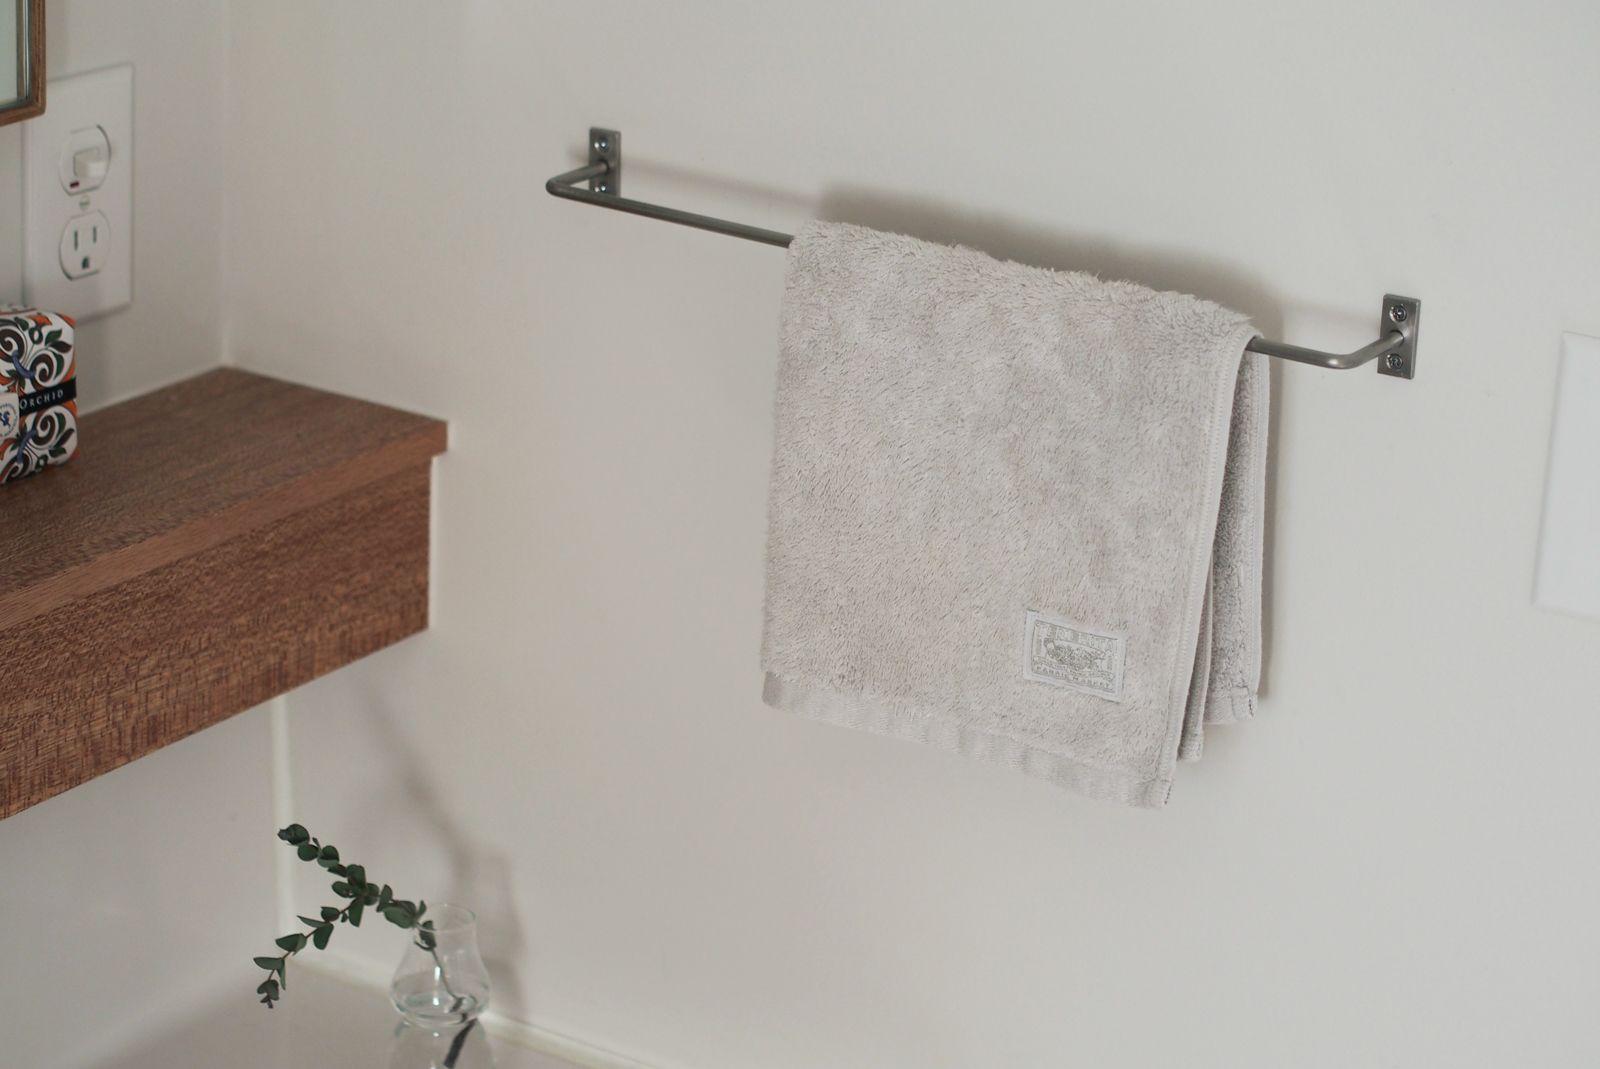 洗面室にはタオル掛けとしての ハンガーバー も こちらは水に強い